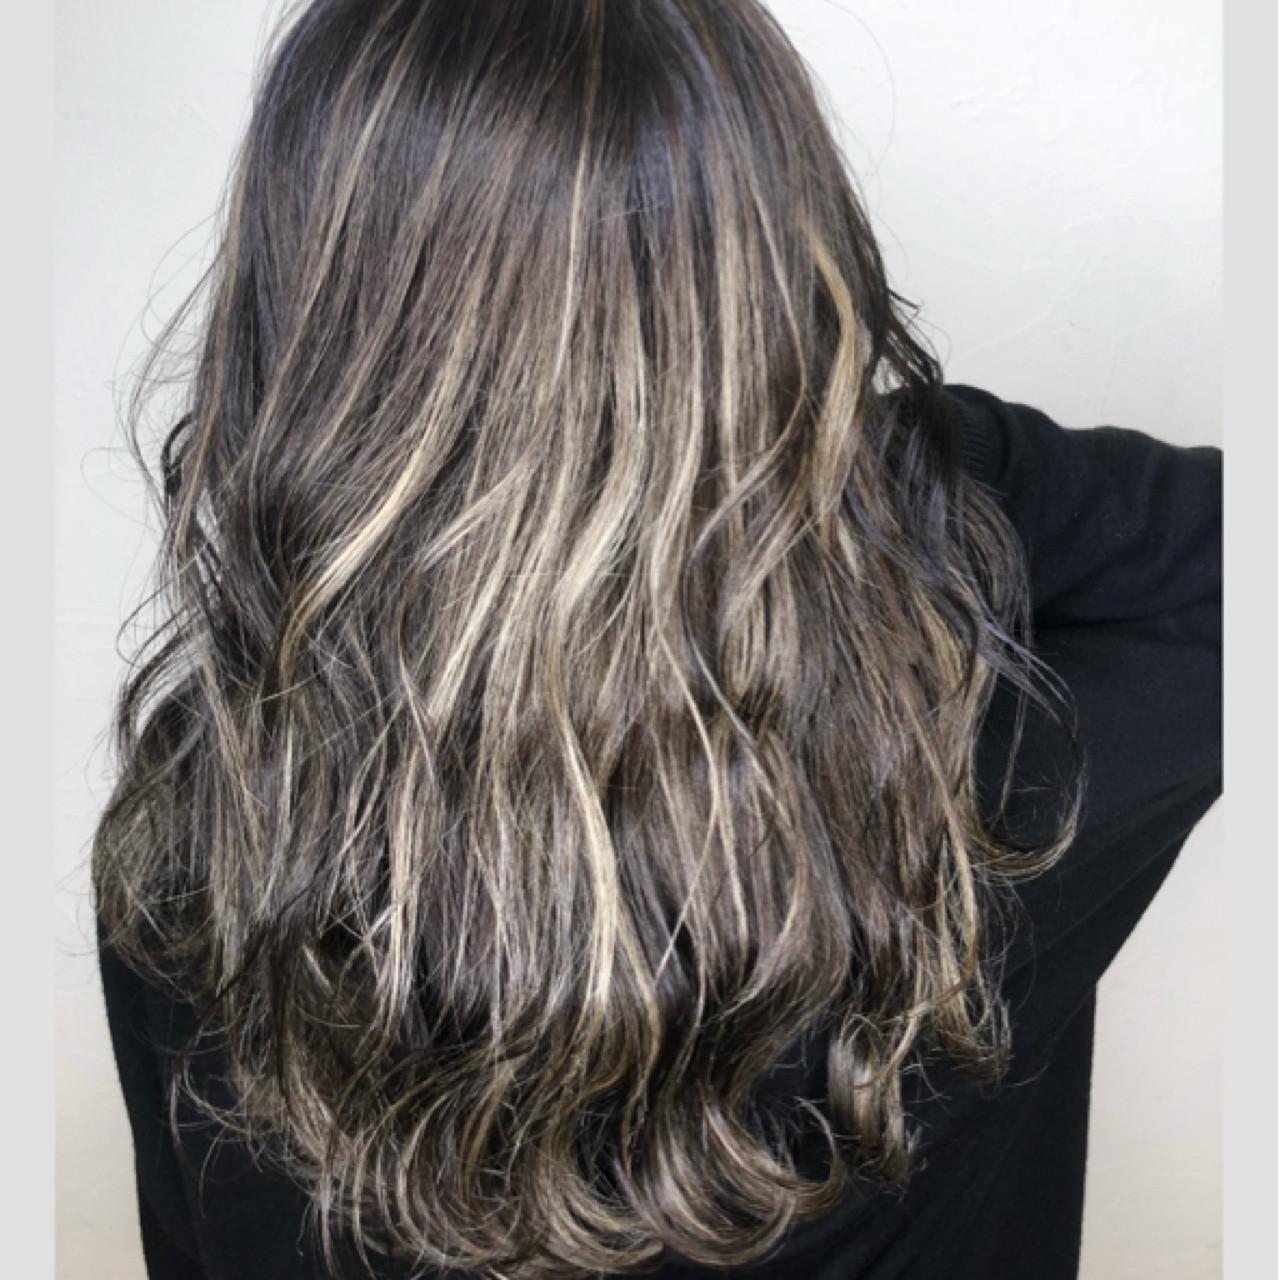 ミルクティーベージュ ウェーブ グレージュ ミディアム ヘアスタイルや髪型の写真・画像